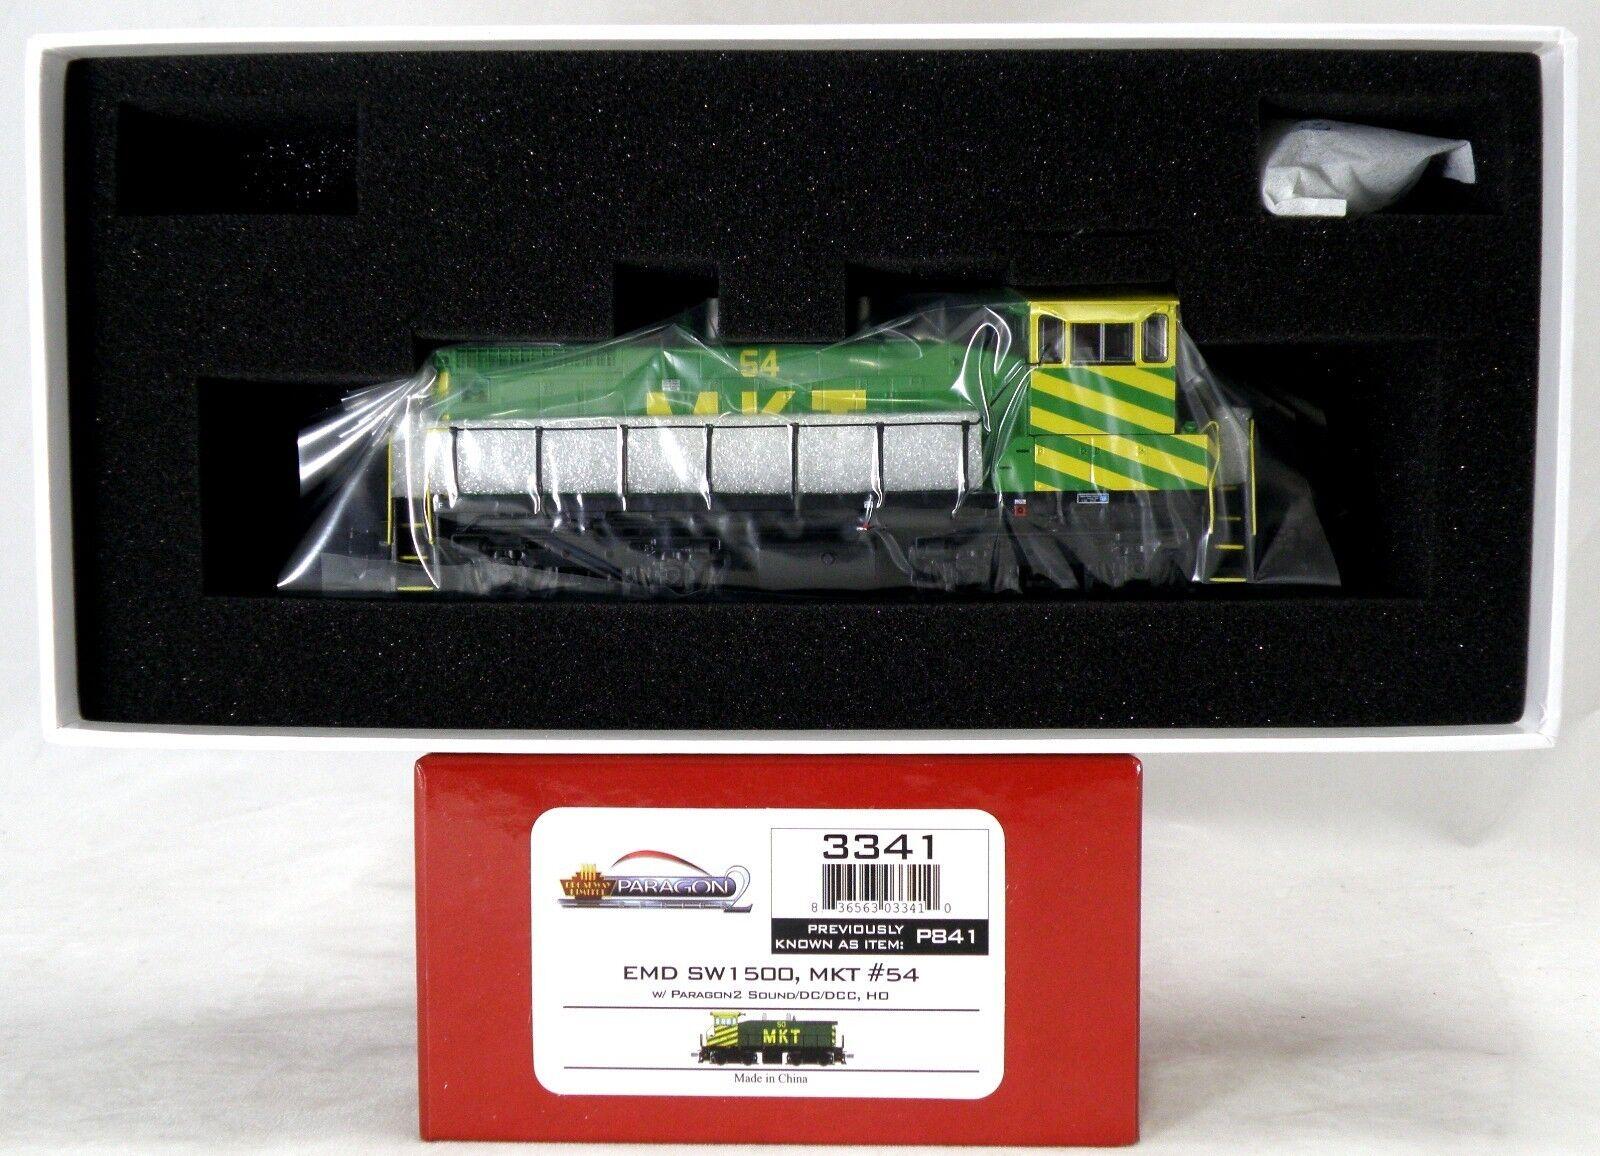 HO Scale EMD SW1500 Locomotive w DCC & Sound - M-K-T  54 - BLI  3341